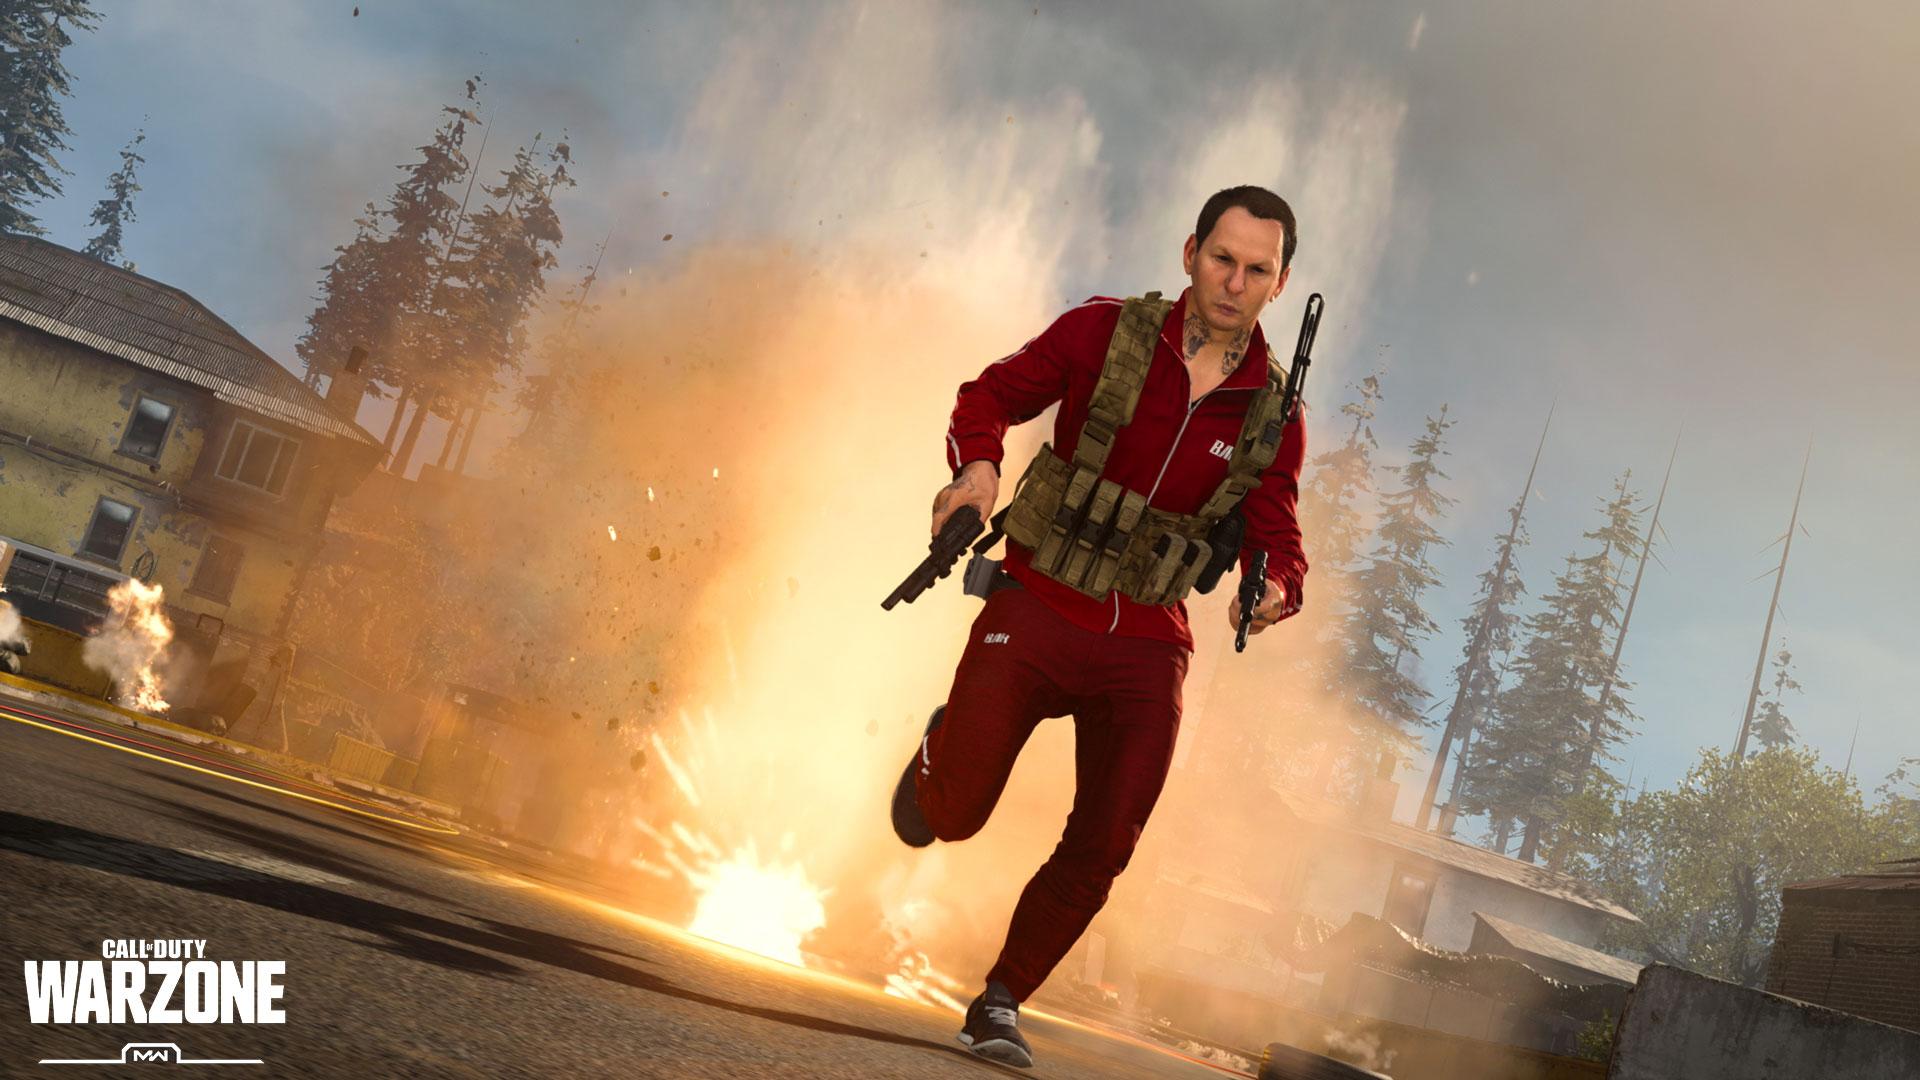 Call of Duty: Warzone parche agrega nuevo modo y armas, aumenta el precio de las caídas de carga 78